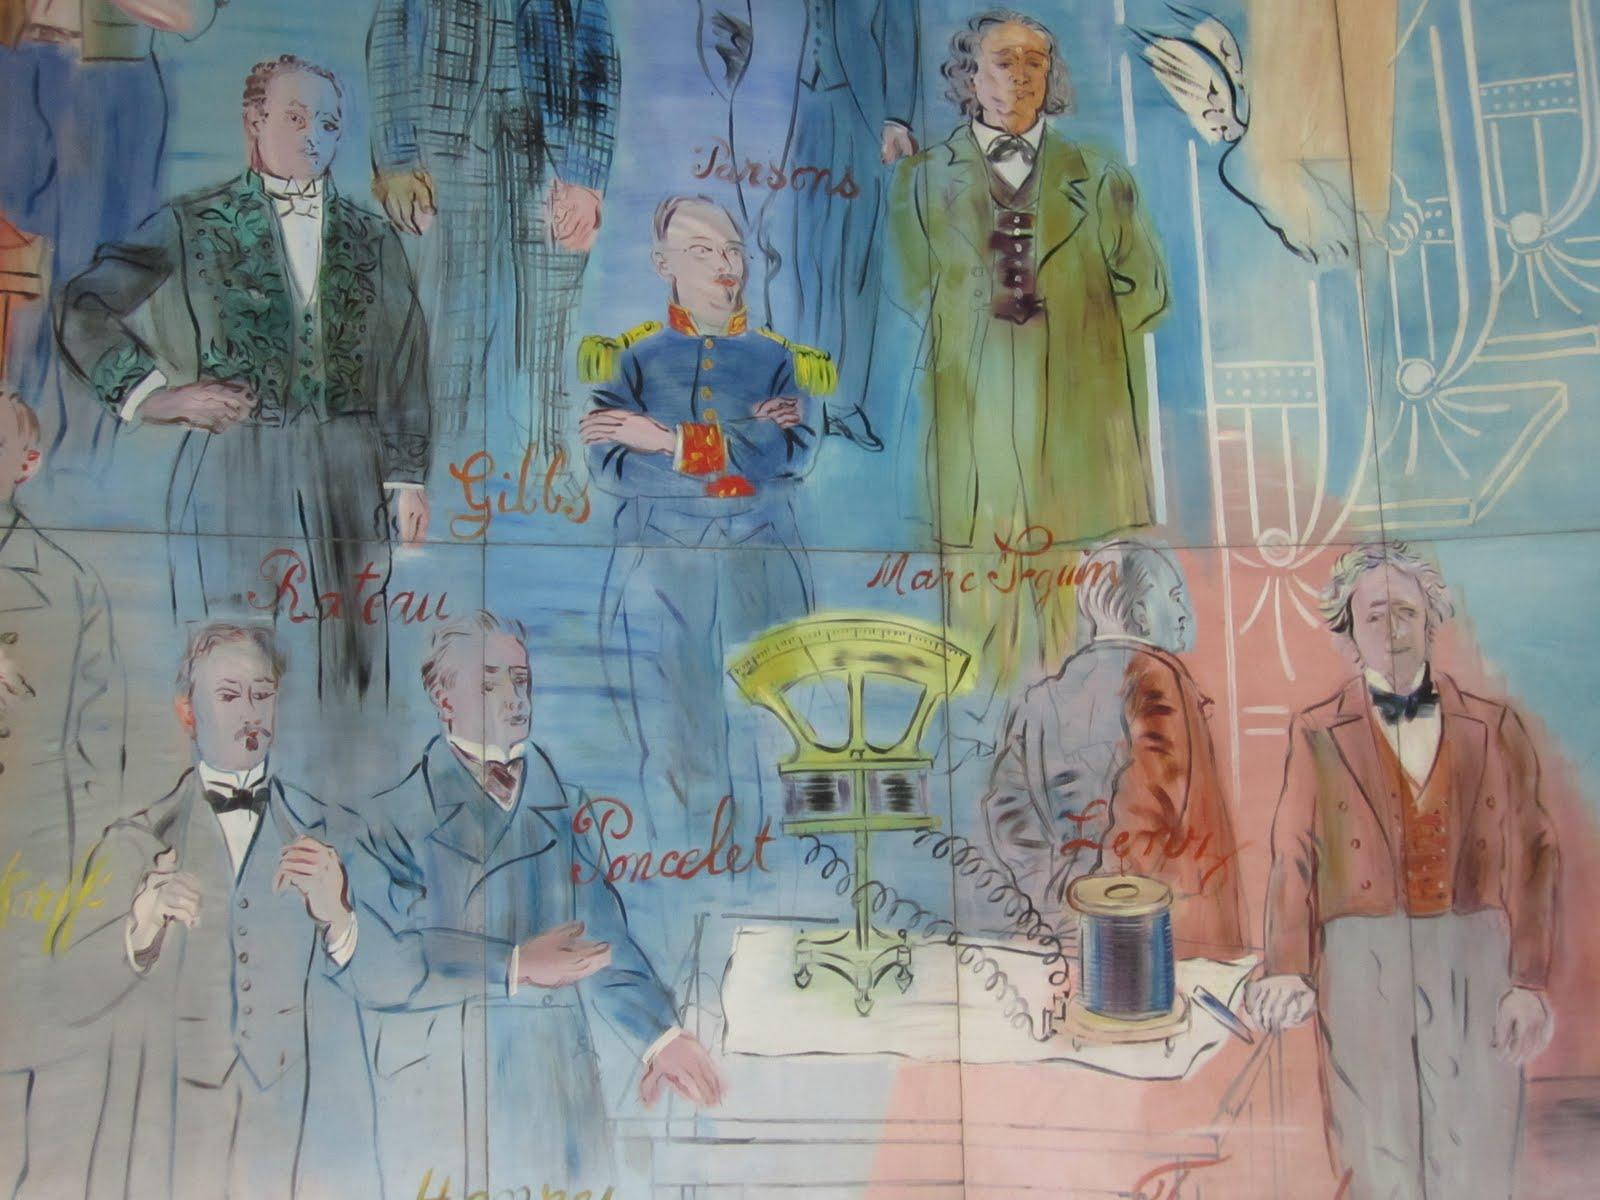 Detail La Fée Électricité (Raoul Dufy) at Paris Modern Art Museum